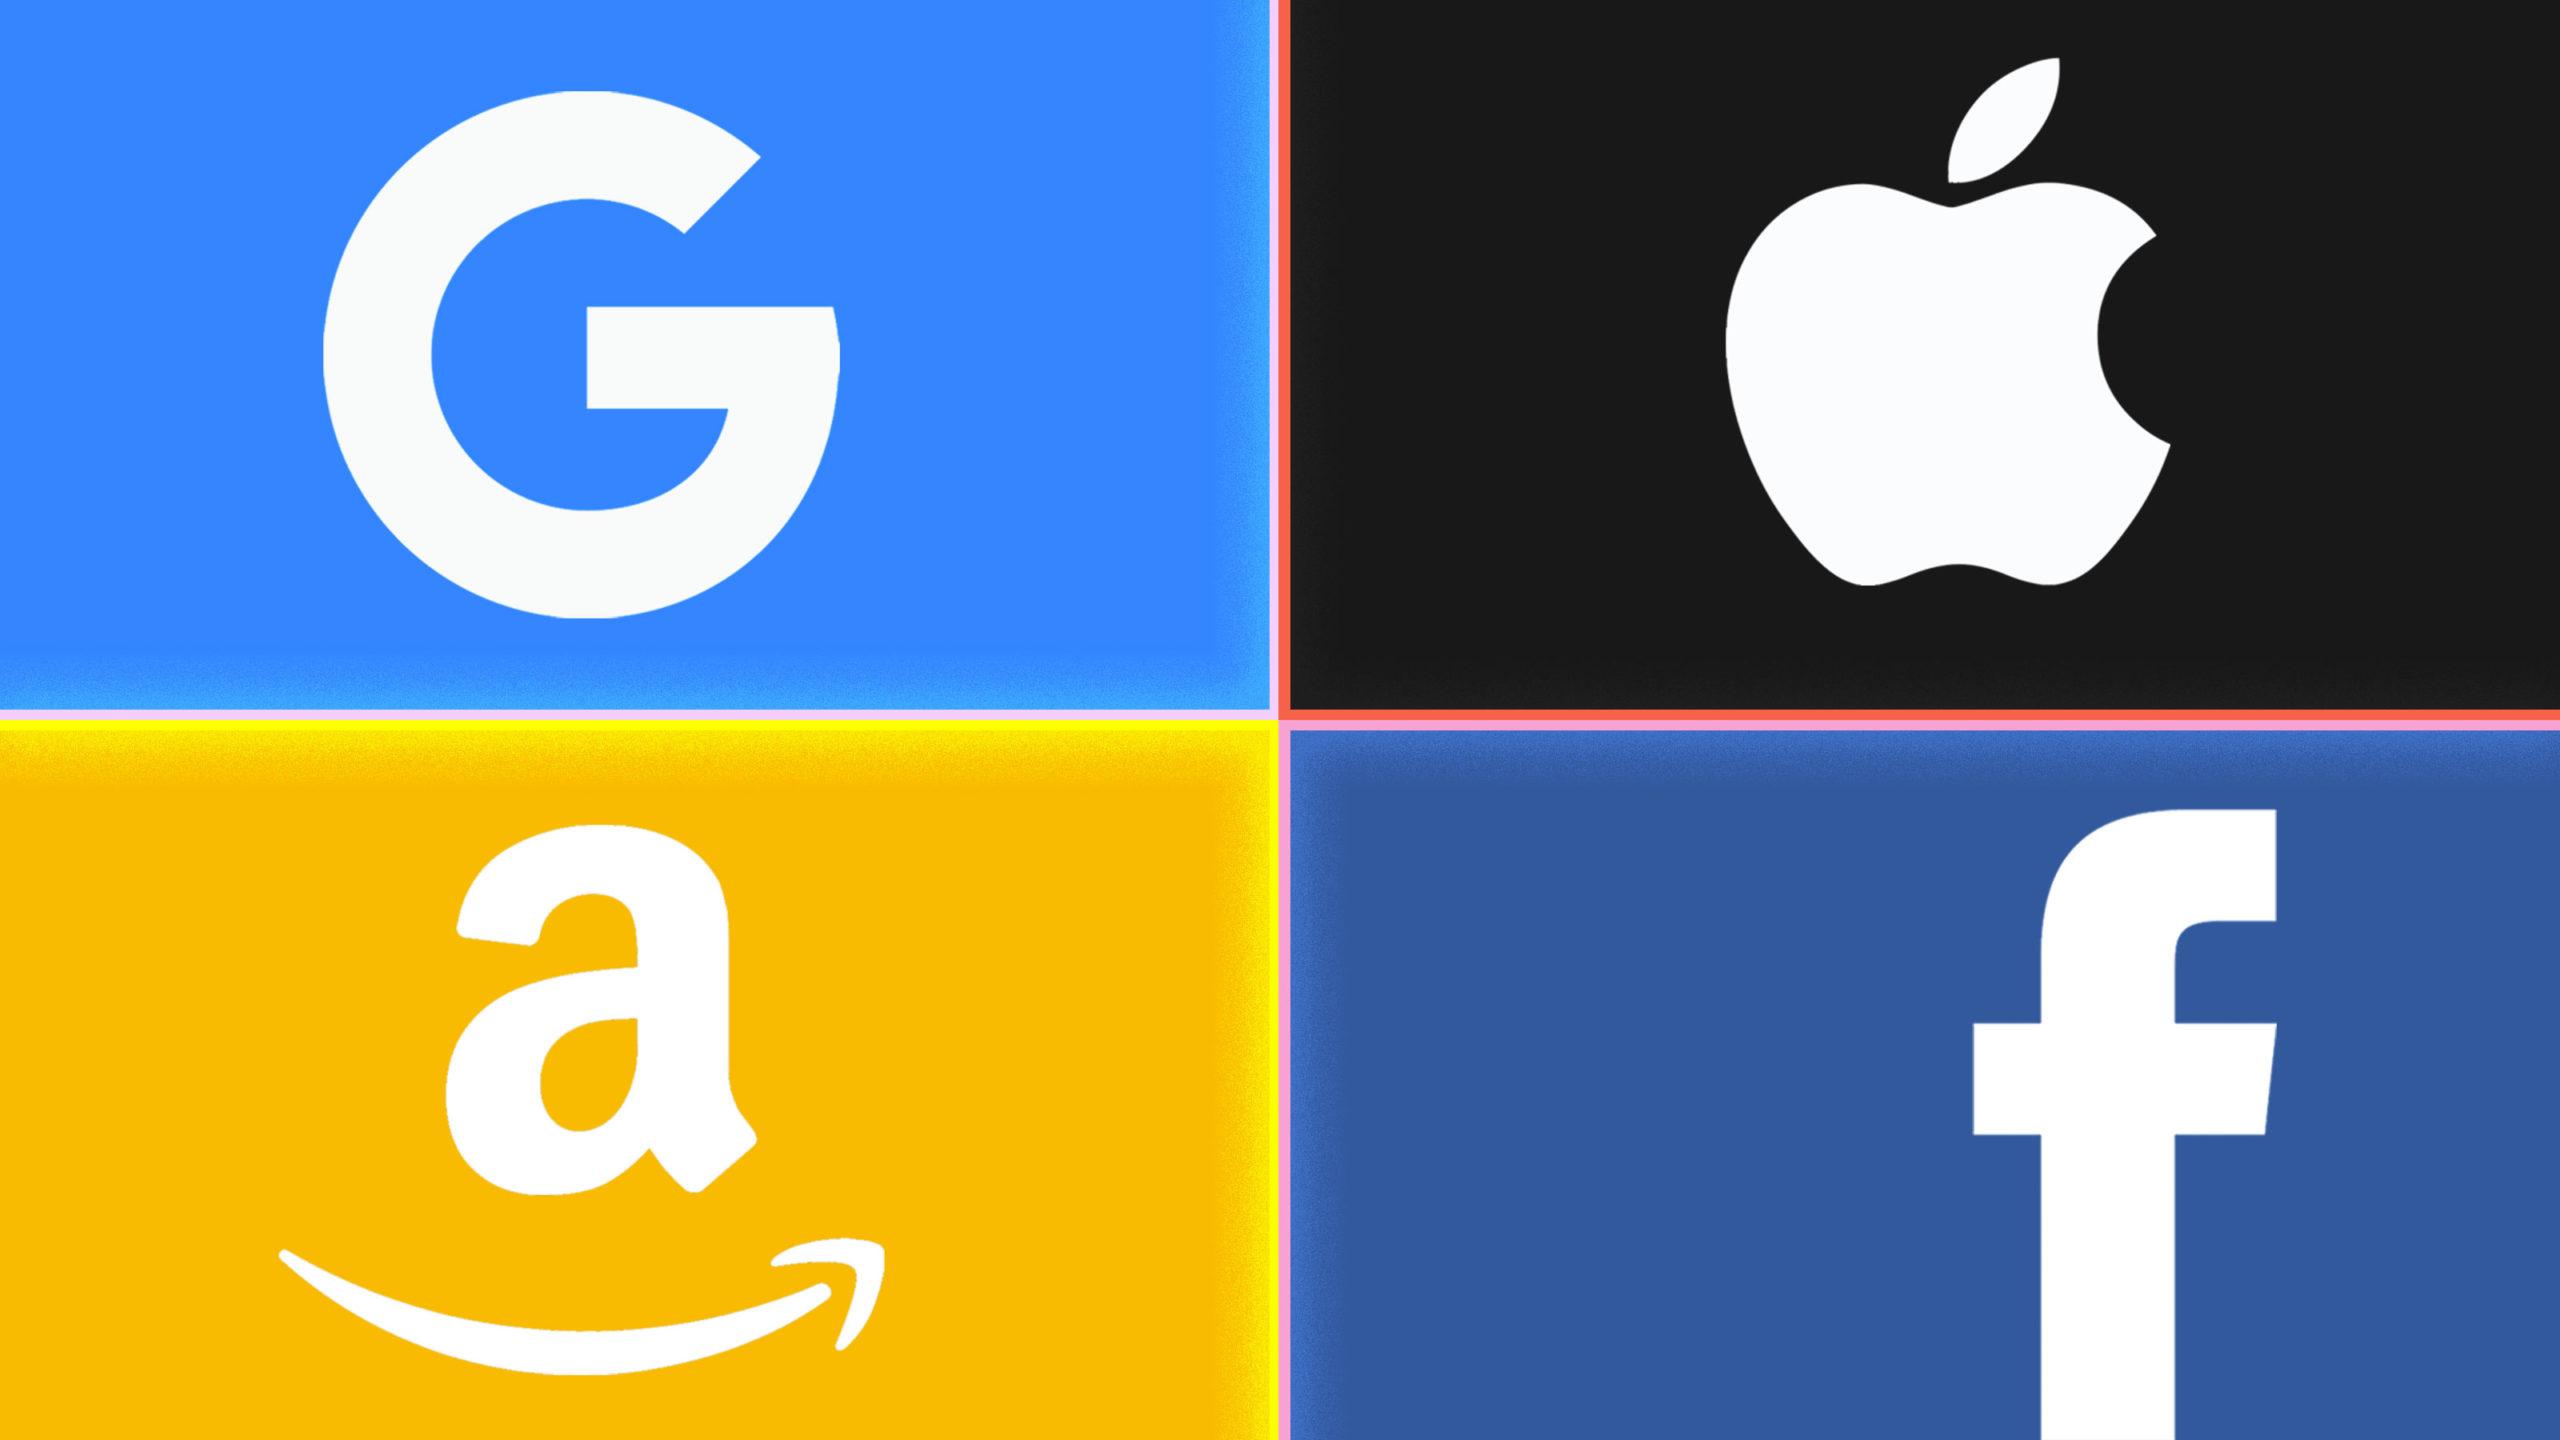 ЄК посилить контроль за найбільшими світовими цифровими компаніями